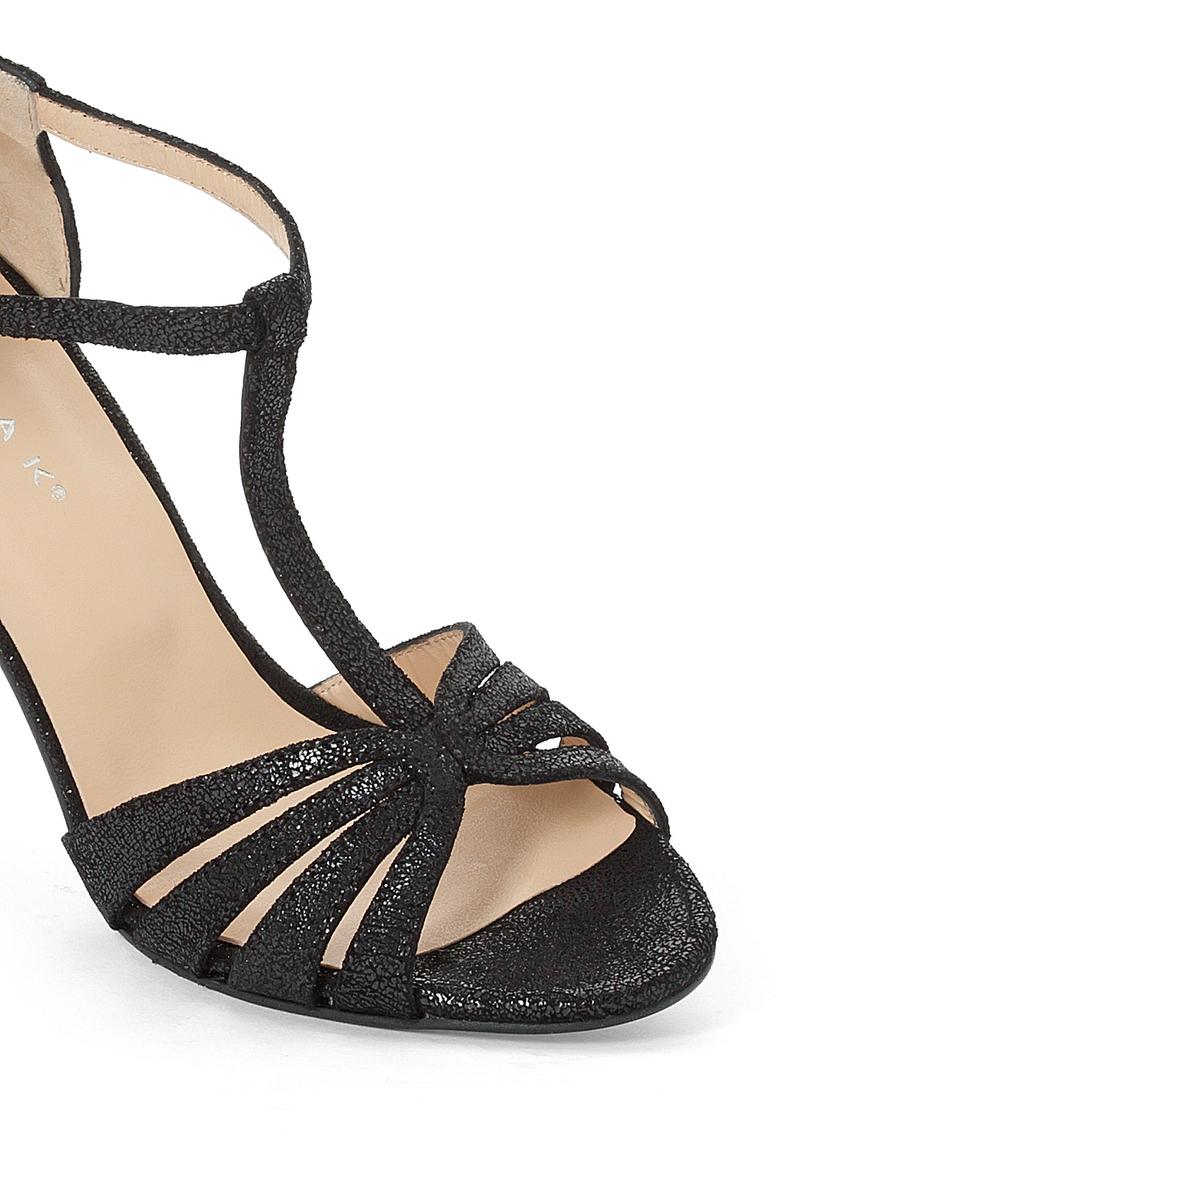 Босоножки кожаные AudetteВерх : кожа   Подкладка : кожа   Стелька : кожа   Подошва : эластомер   Высота каблука : 8 см   Форма каблука : тонкий каблук   Мысок : закругленный мысок   Застежка : пряжка<br><br>Цвет: черный